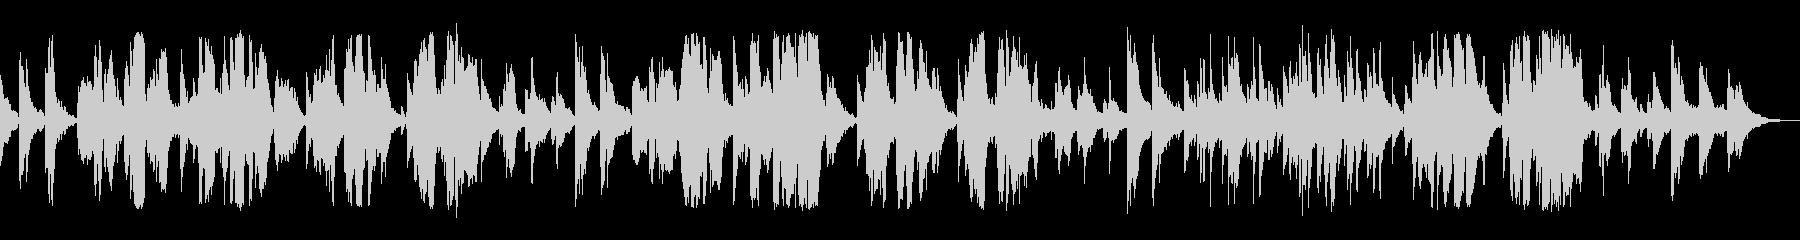 グラム・パーソンズのために書かれた歌の未再生の波形